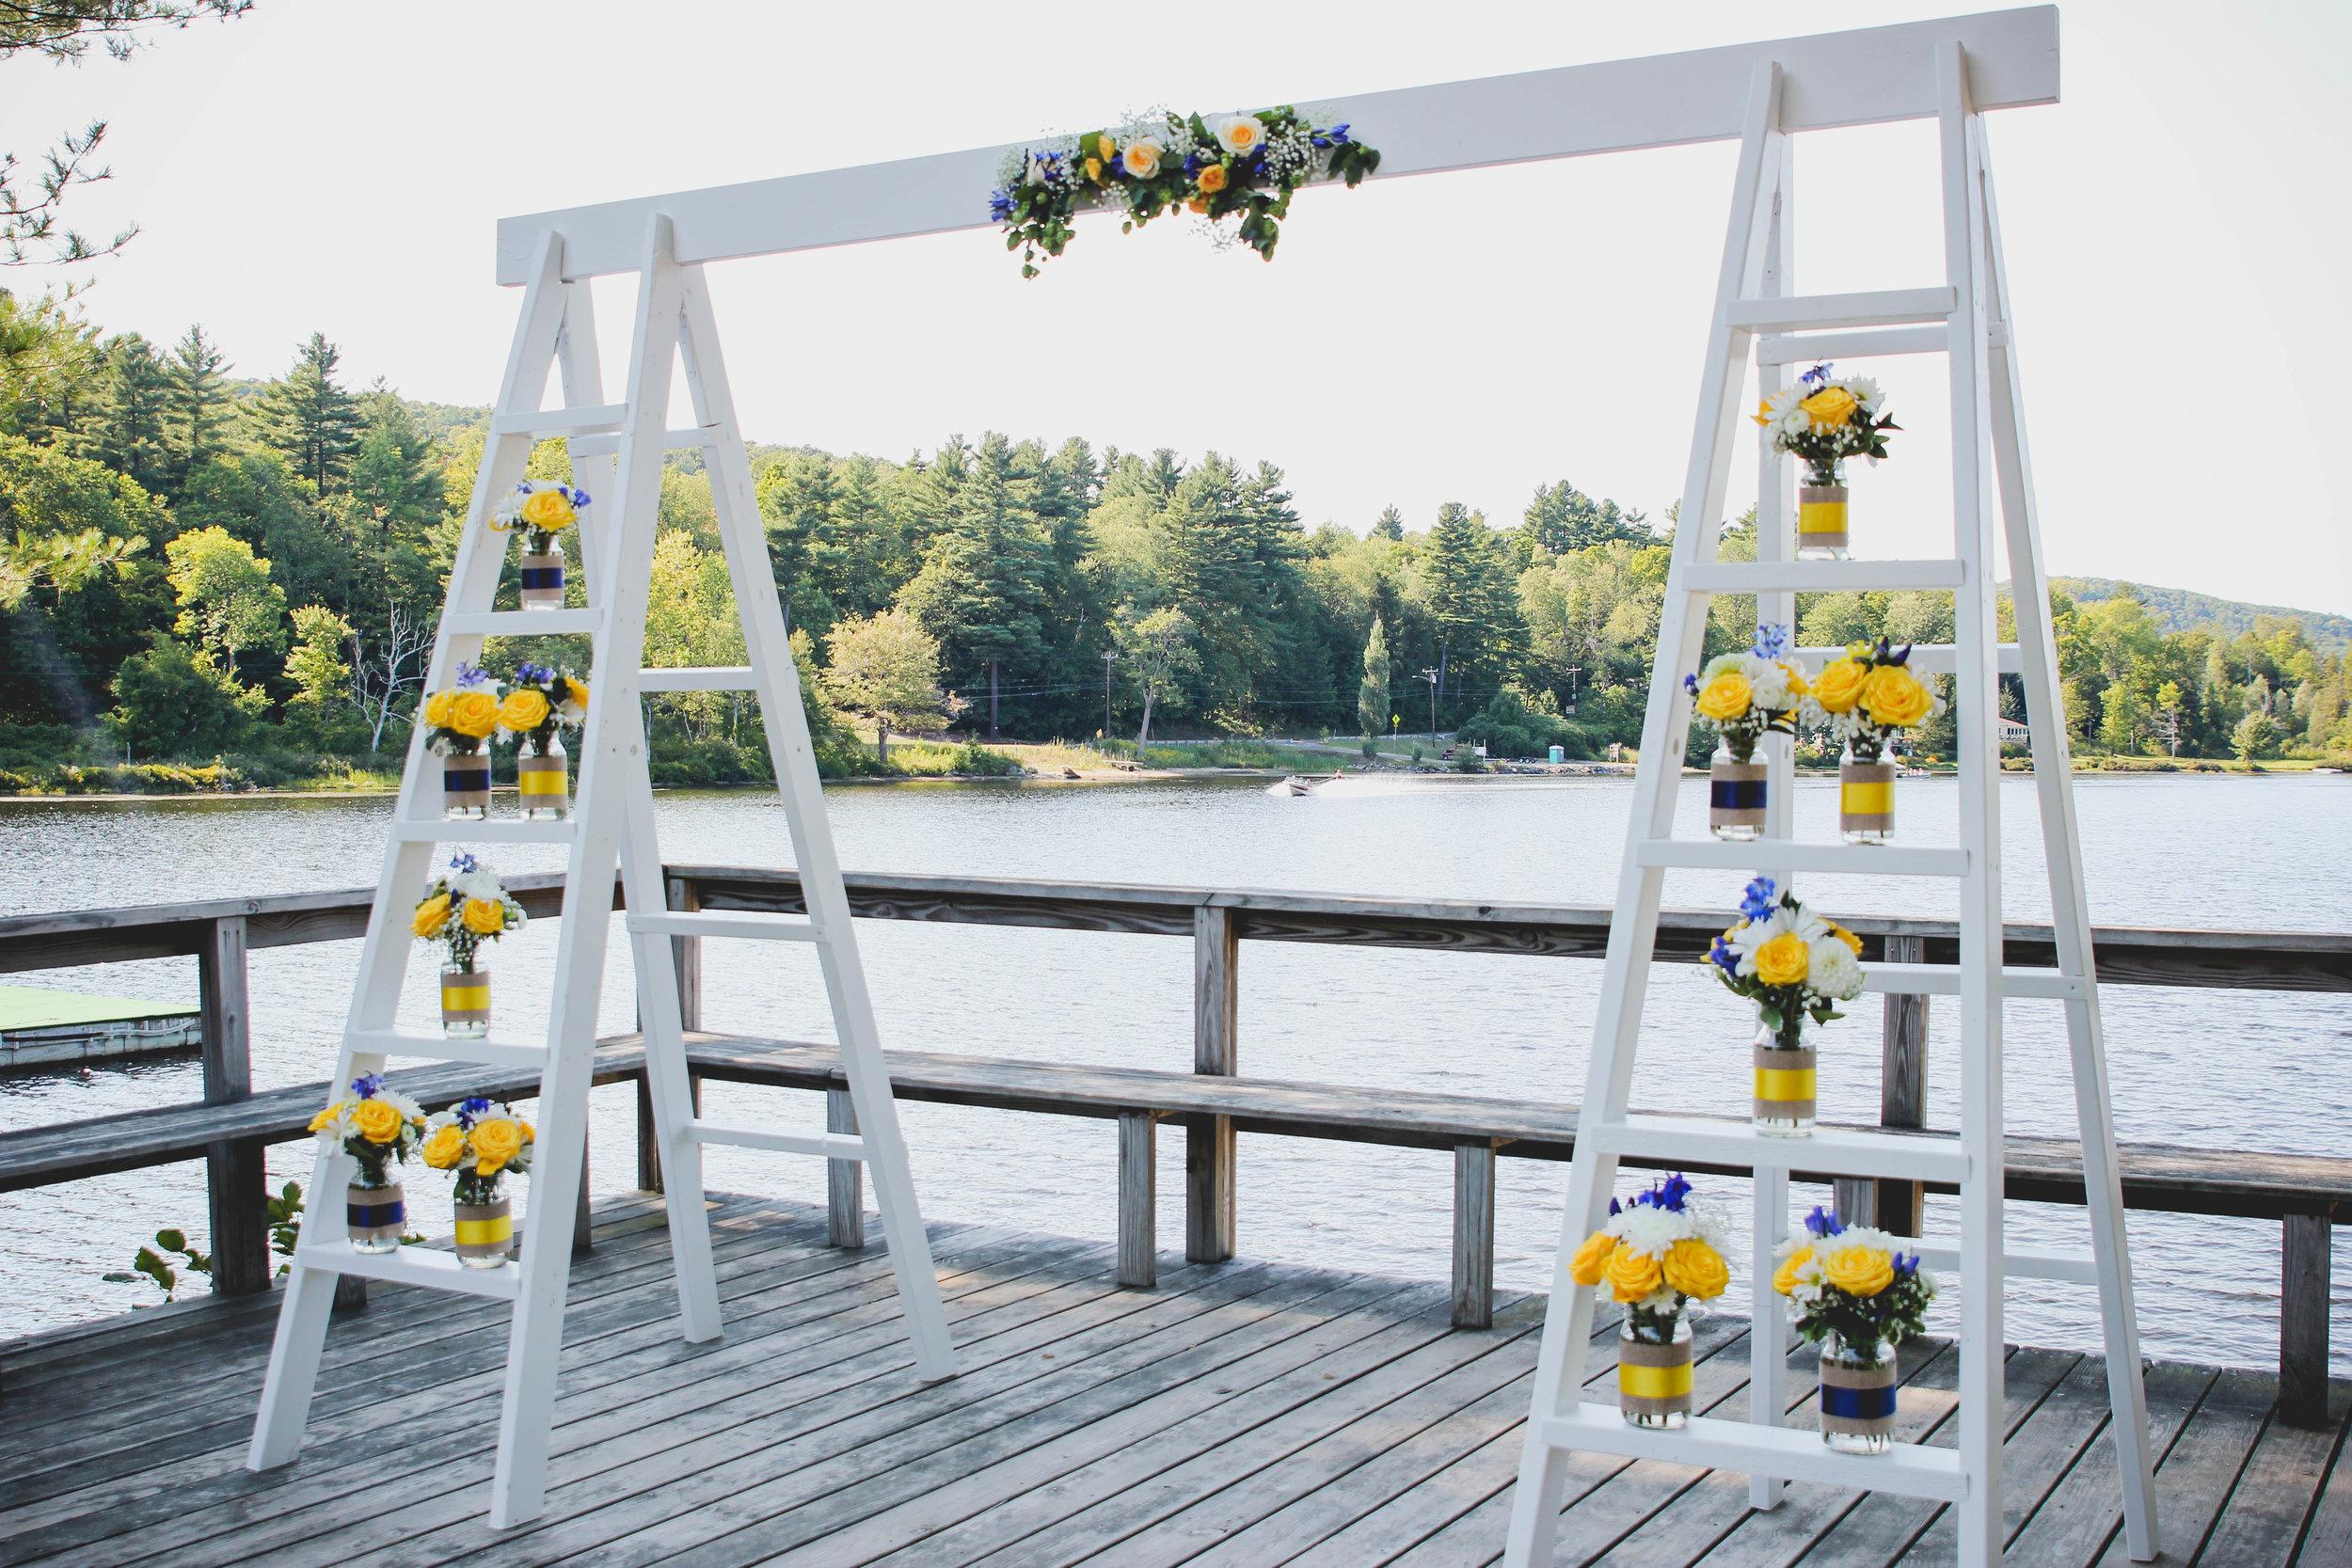 Lennox Alter Ladder.jpg